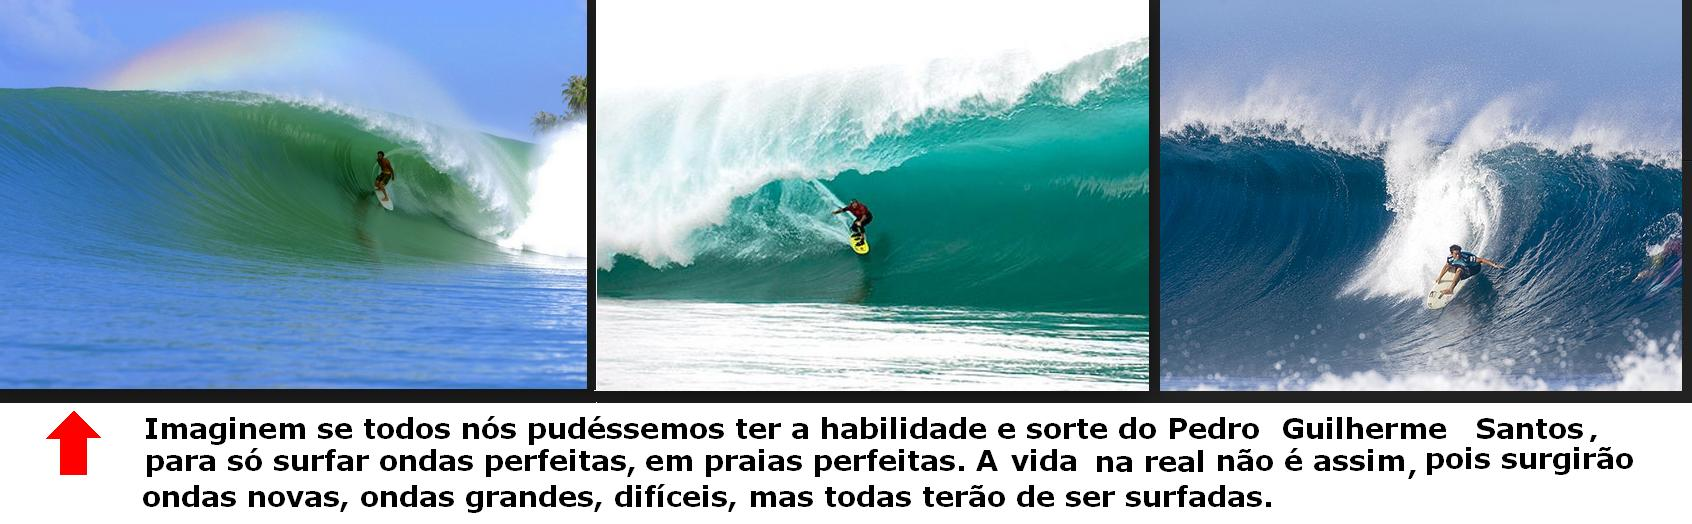 Surfar todas as ondas